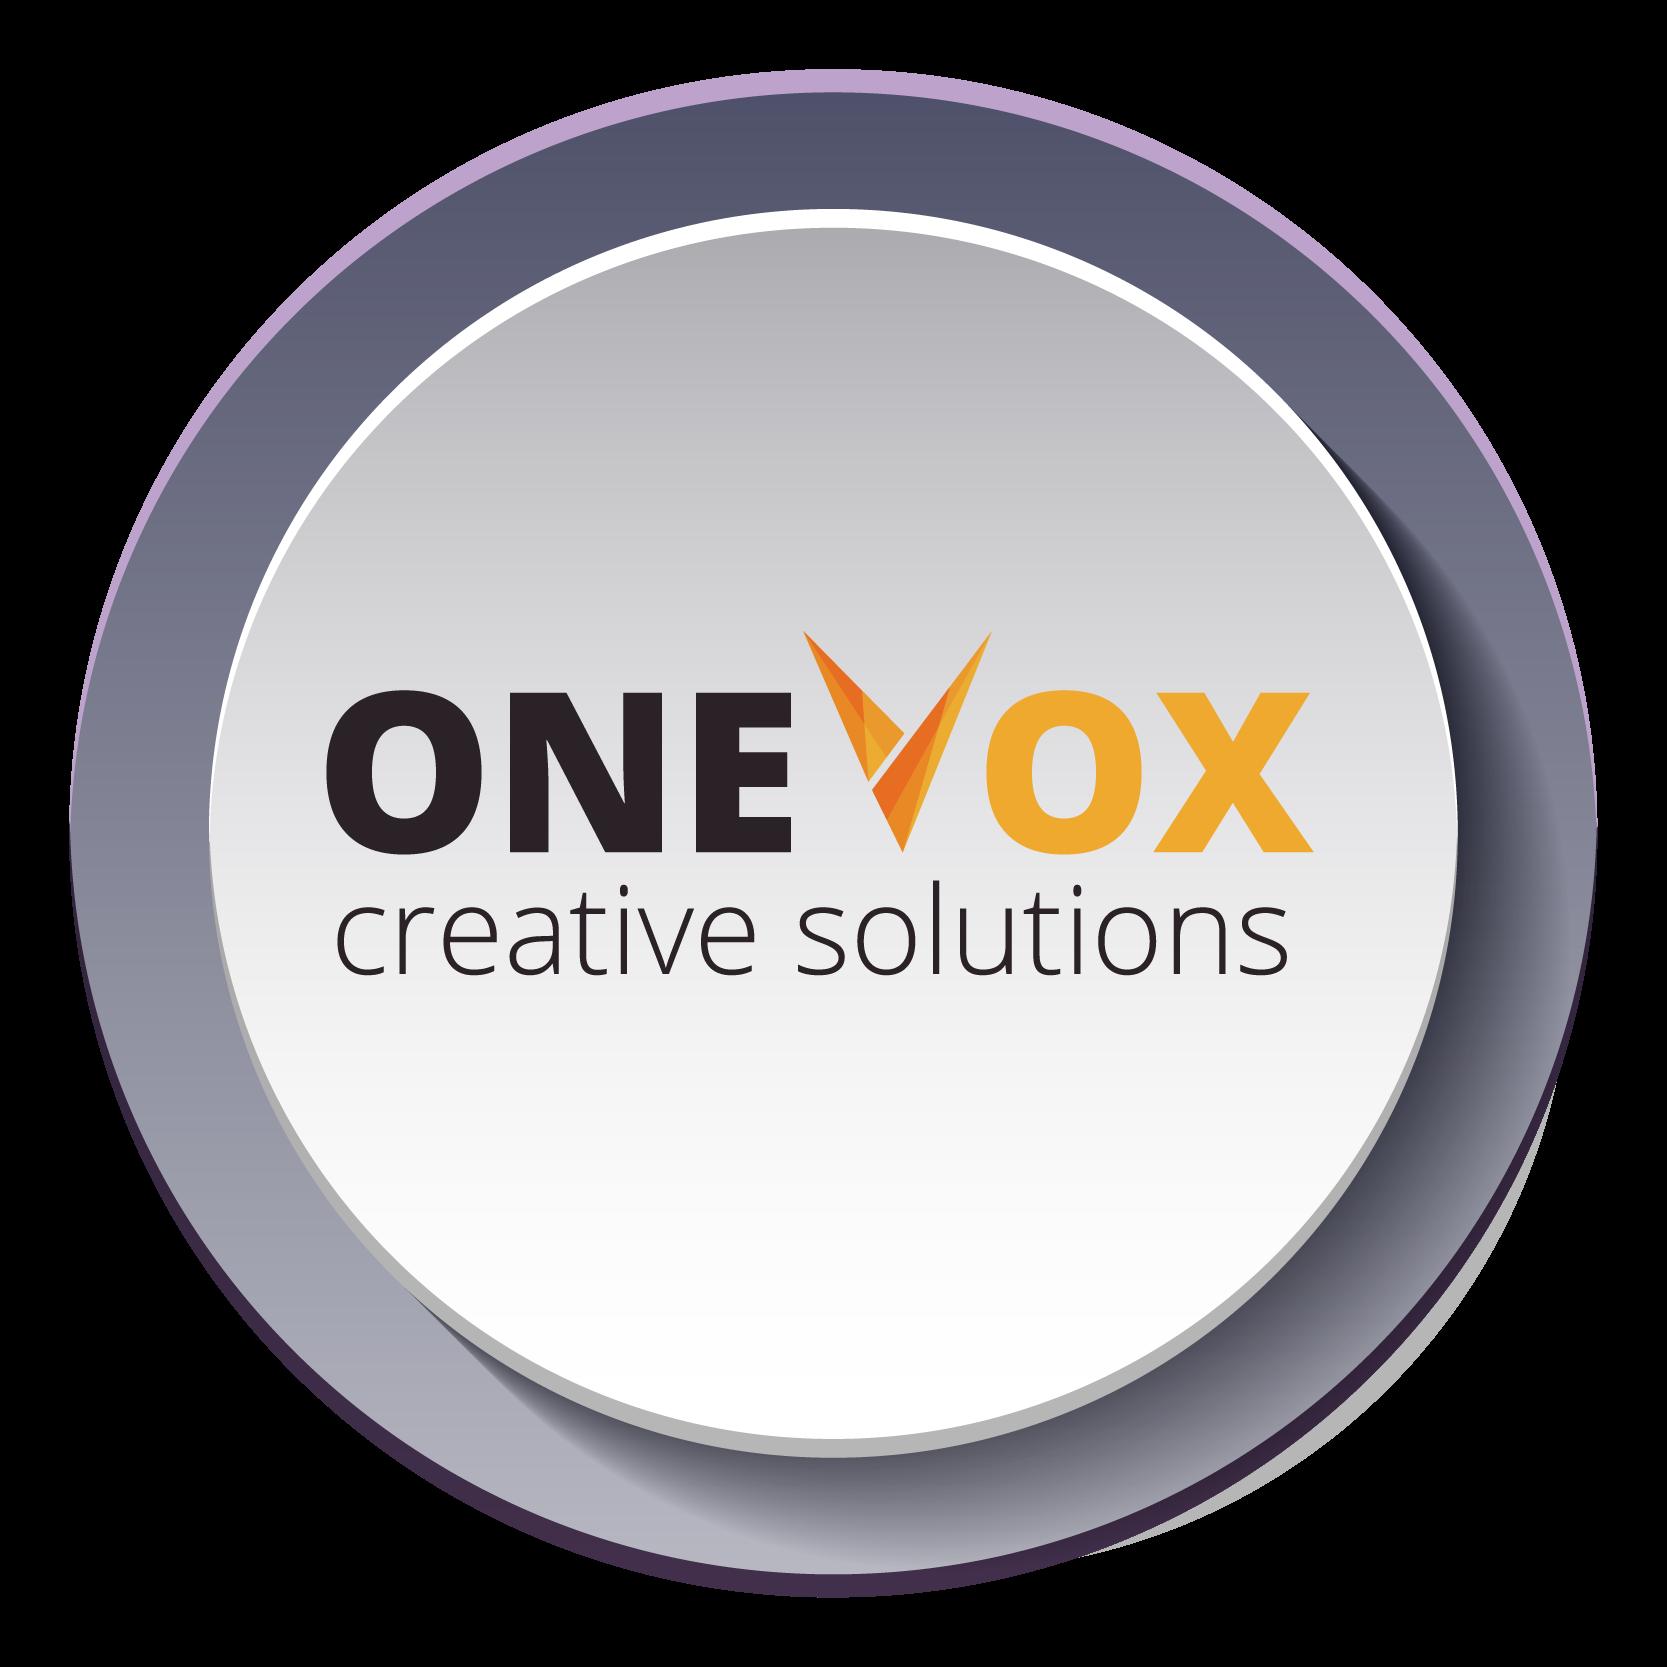 Onevox Press